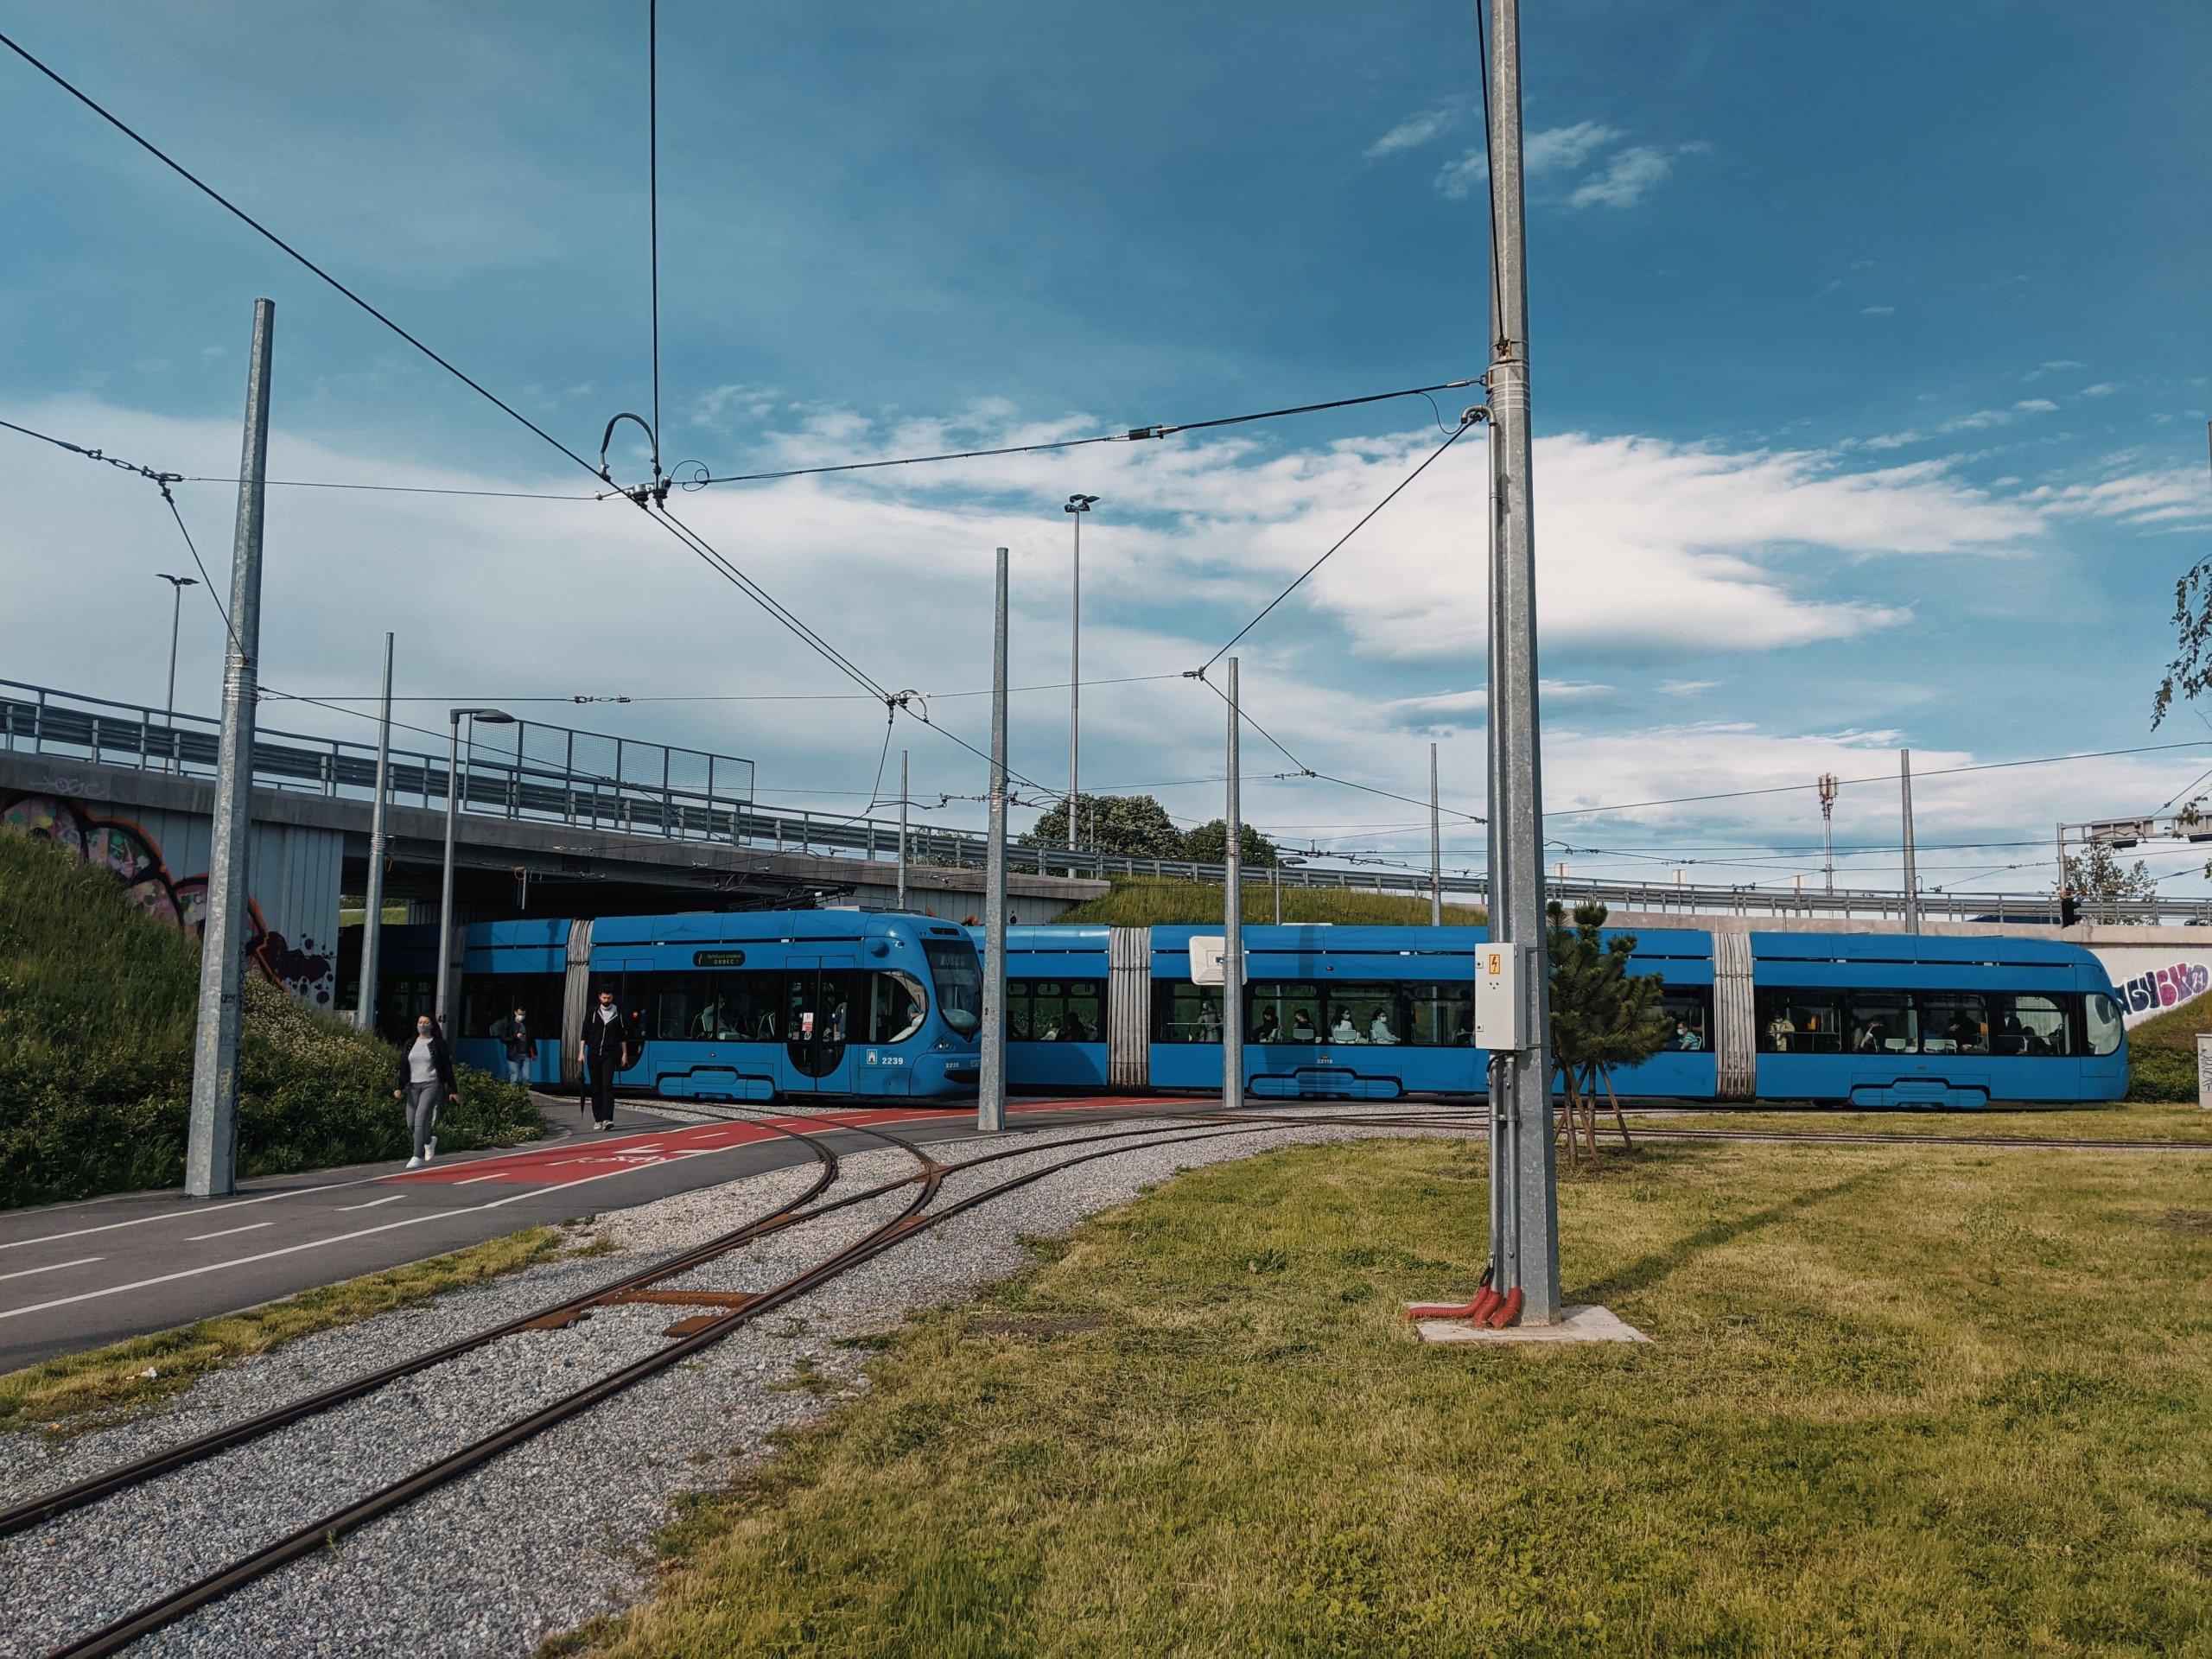 Zagrebačkim tramvajima: Stoljetna tradicija javnog prijevoza u glavnom gradu